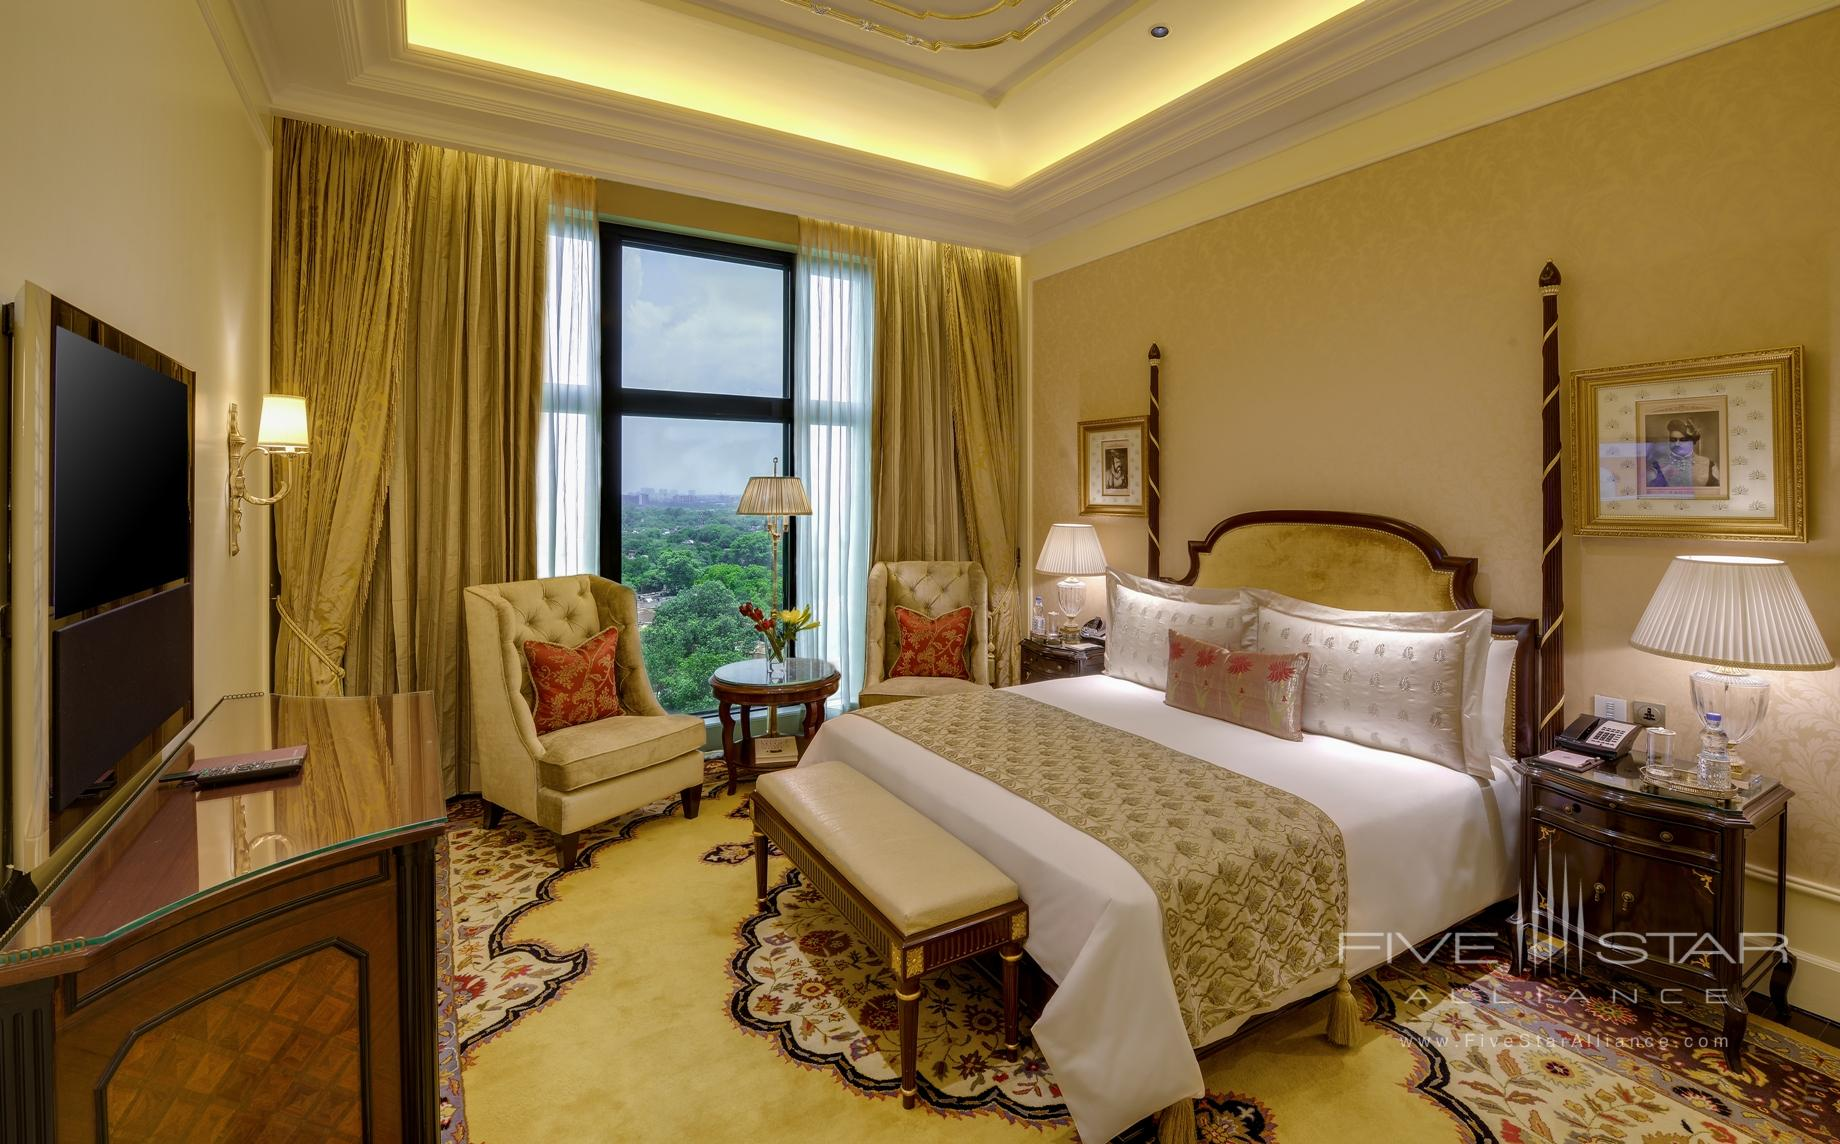 Grand Suite Bedroom at Leela Palace New Delhi